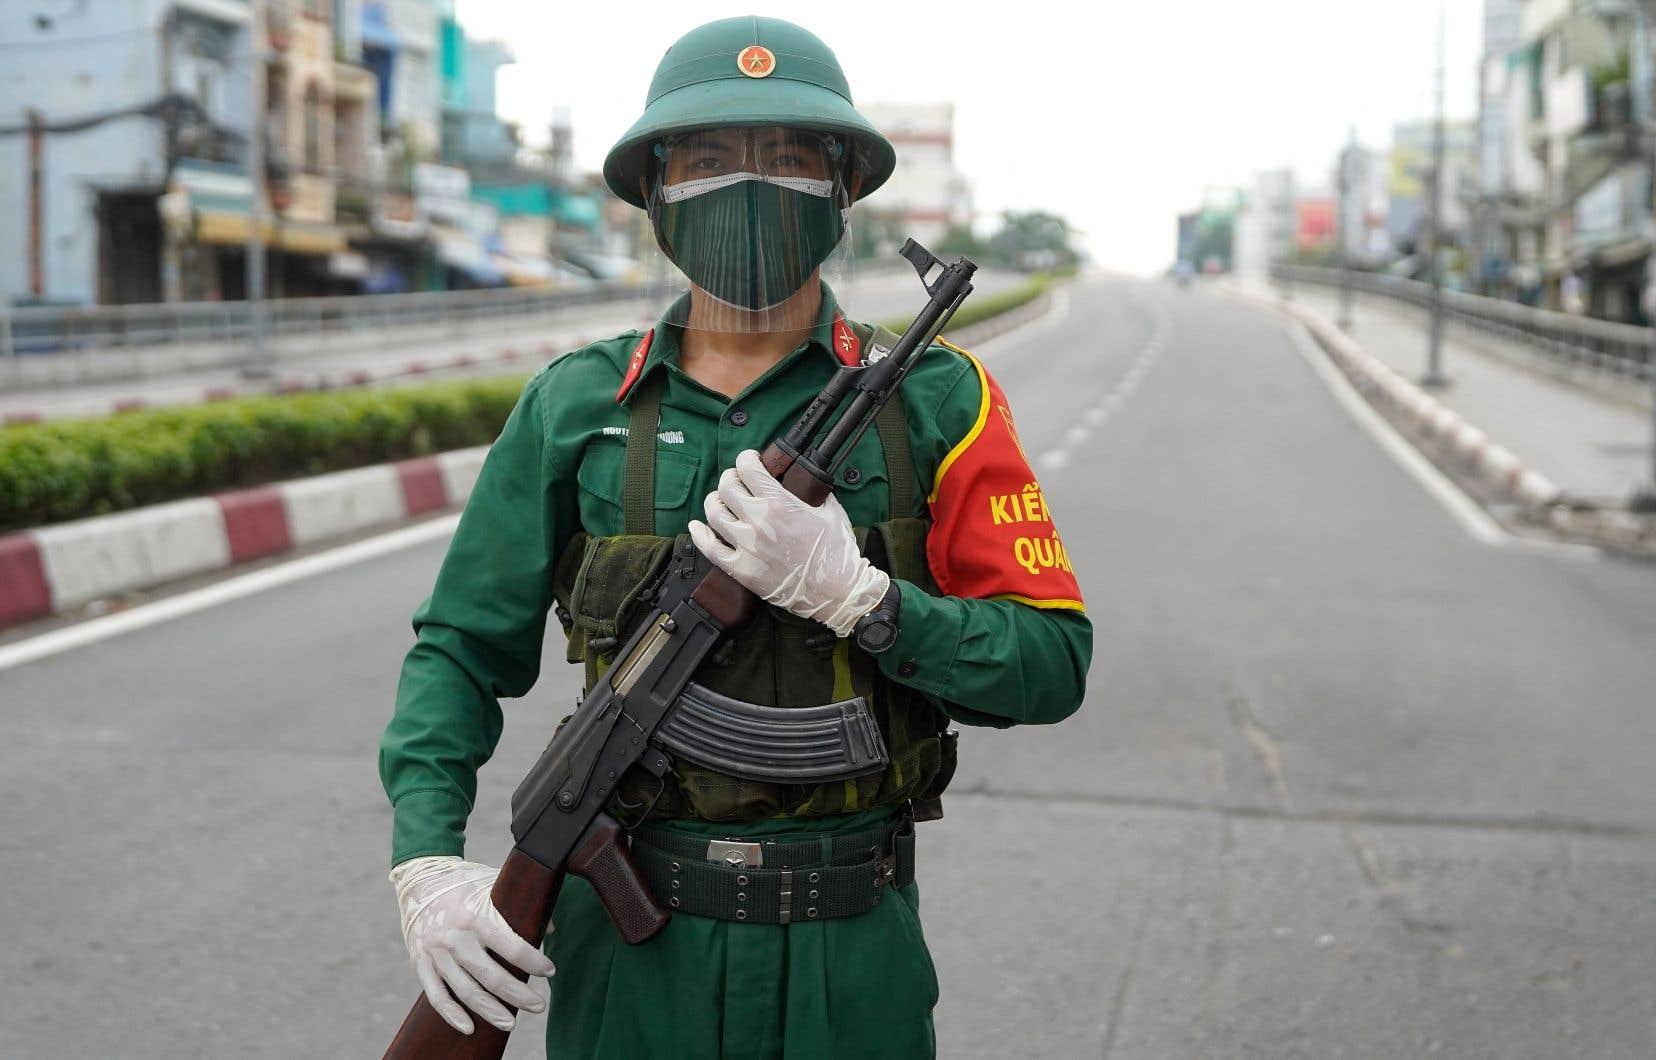 Jusque-là épargné de la COVID-19, avec 35 morts en15 mois de crise sanitaire, le Vietnam croule maintenant sous les infections. On déplore plus de 10000 cas par jour et 9000 morts en deux mois. Cette semaine, 35000 soldats, «volontaires» et travailleurs de la santé ont investi les rues de Hô Chi Minh-Ville pour faire respecter les mesures sanitaires imposées par le gouvernement central communiste.